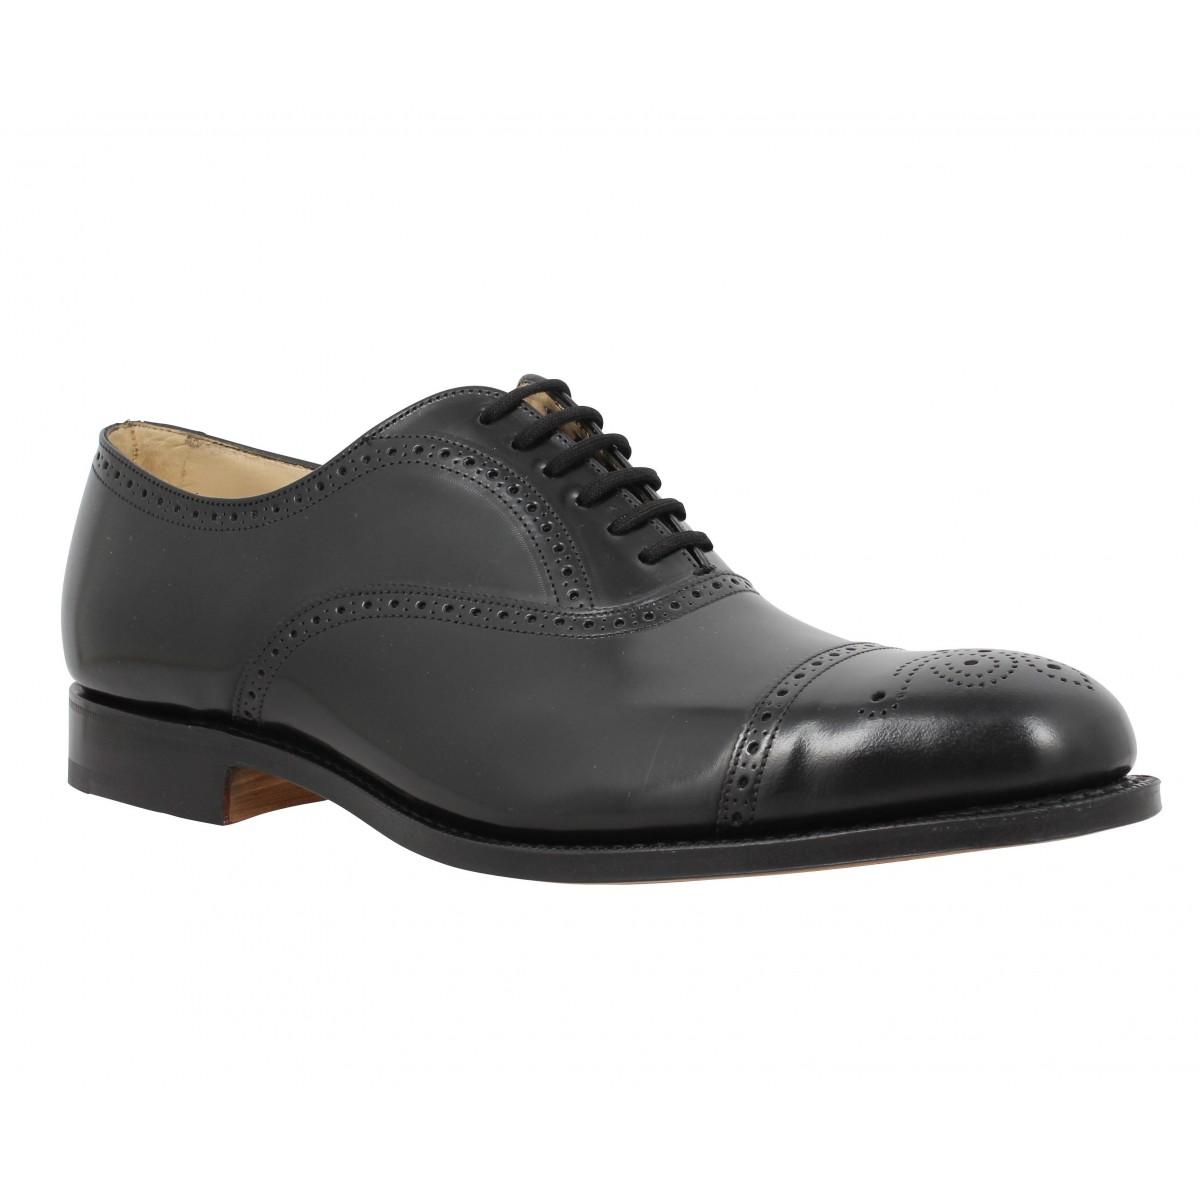 Chaussures à lacets CHURCH'S London cuir Homme Noir